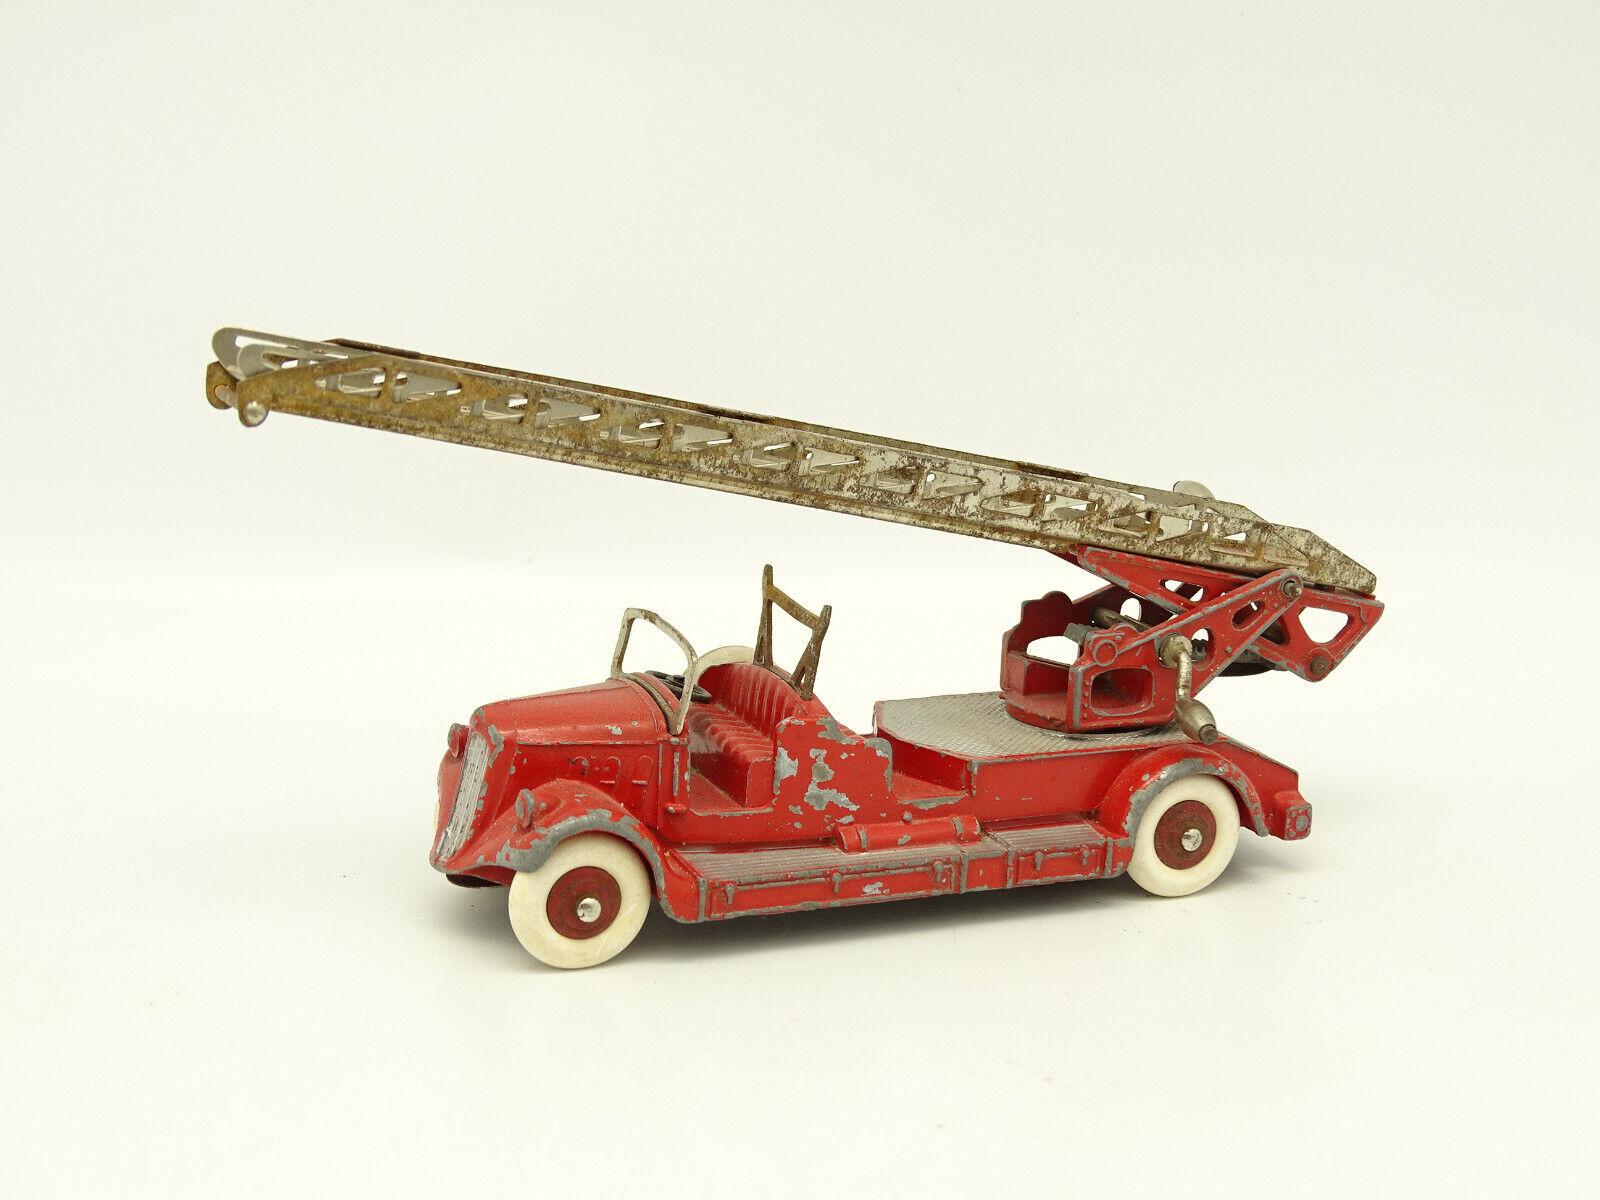 punto de venta barato Dinky Juguetes Sb 1 43 - Delahaye Scala da da da Pompieri 32D  Para tu estilo de juego a los precios más baratos.